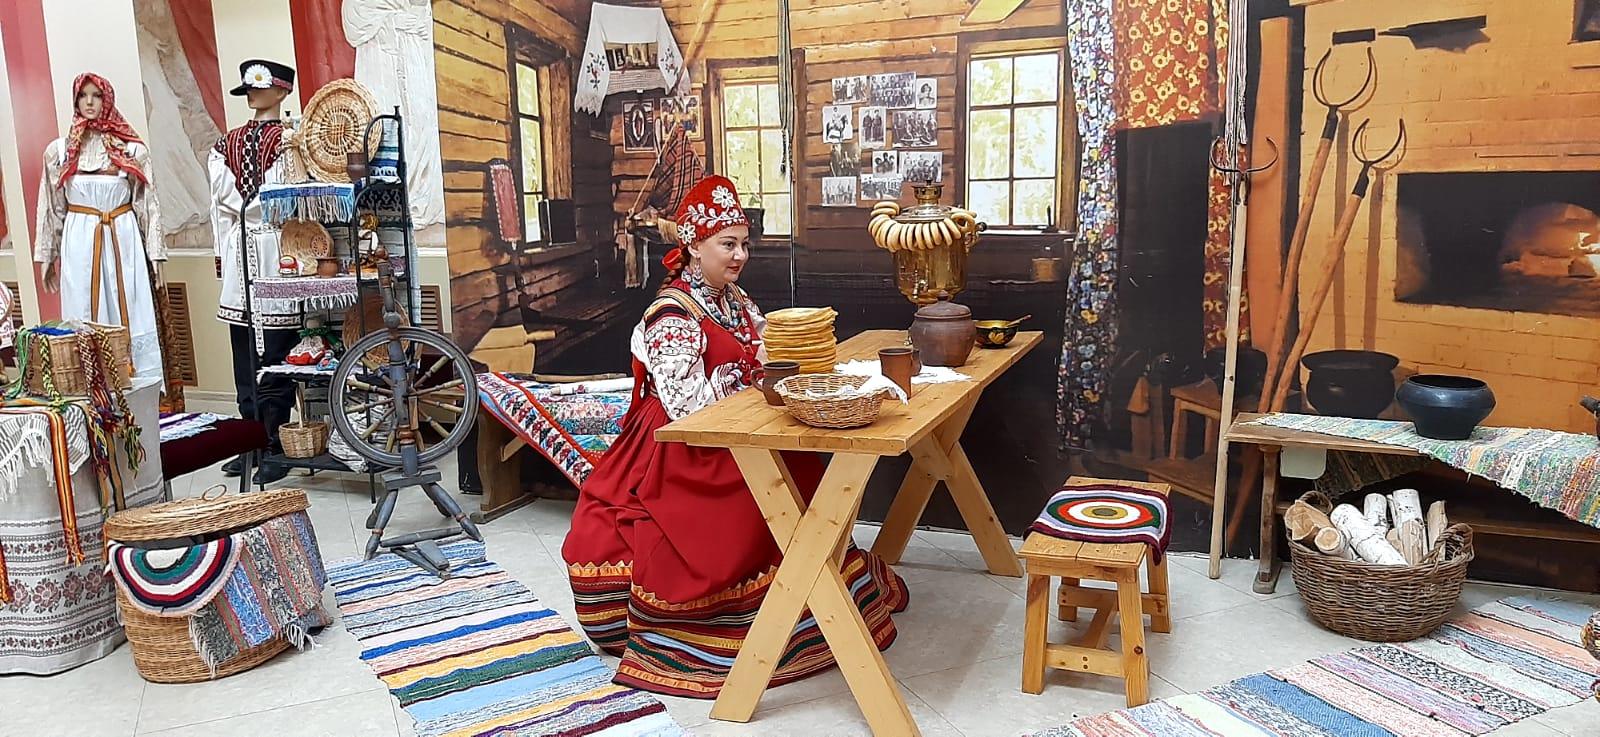 Дом ремесел представил экспозицию быта русского народа на мероприятии в честь 160-летия Дины Нурпеисовой